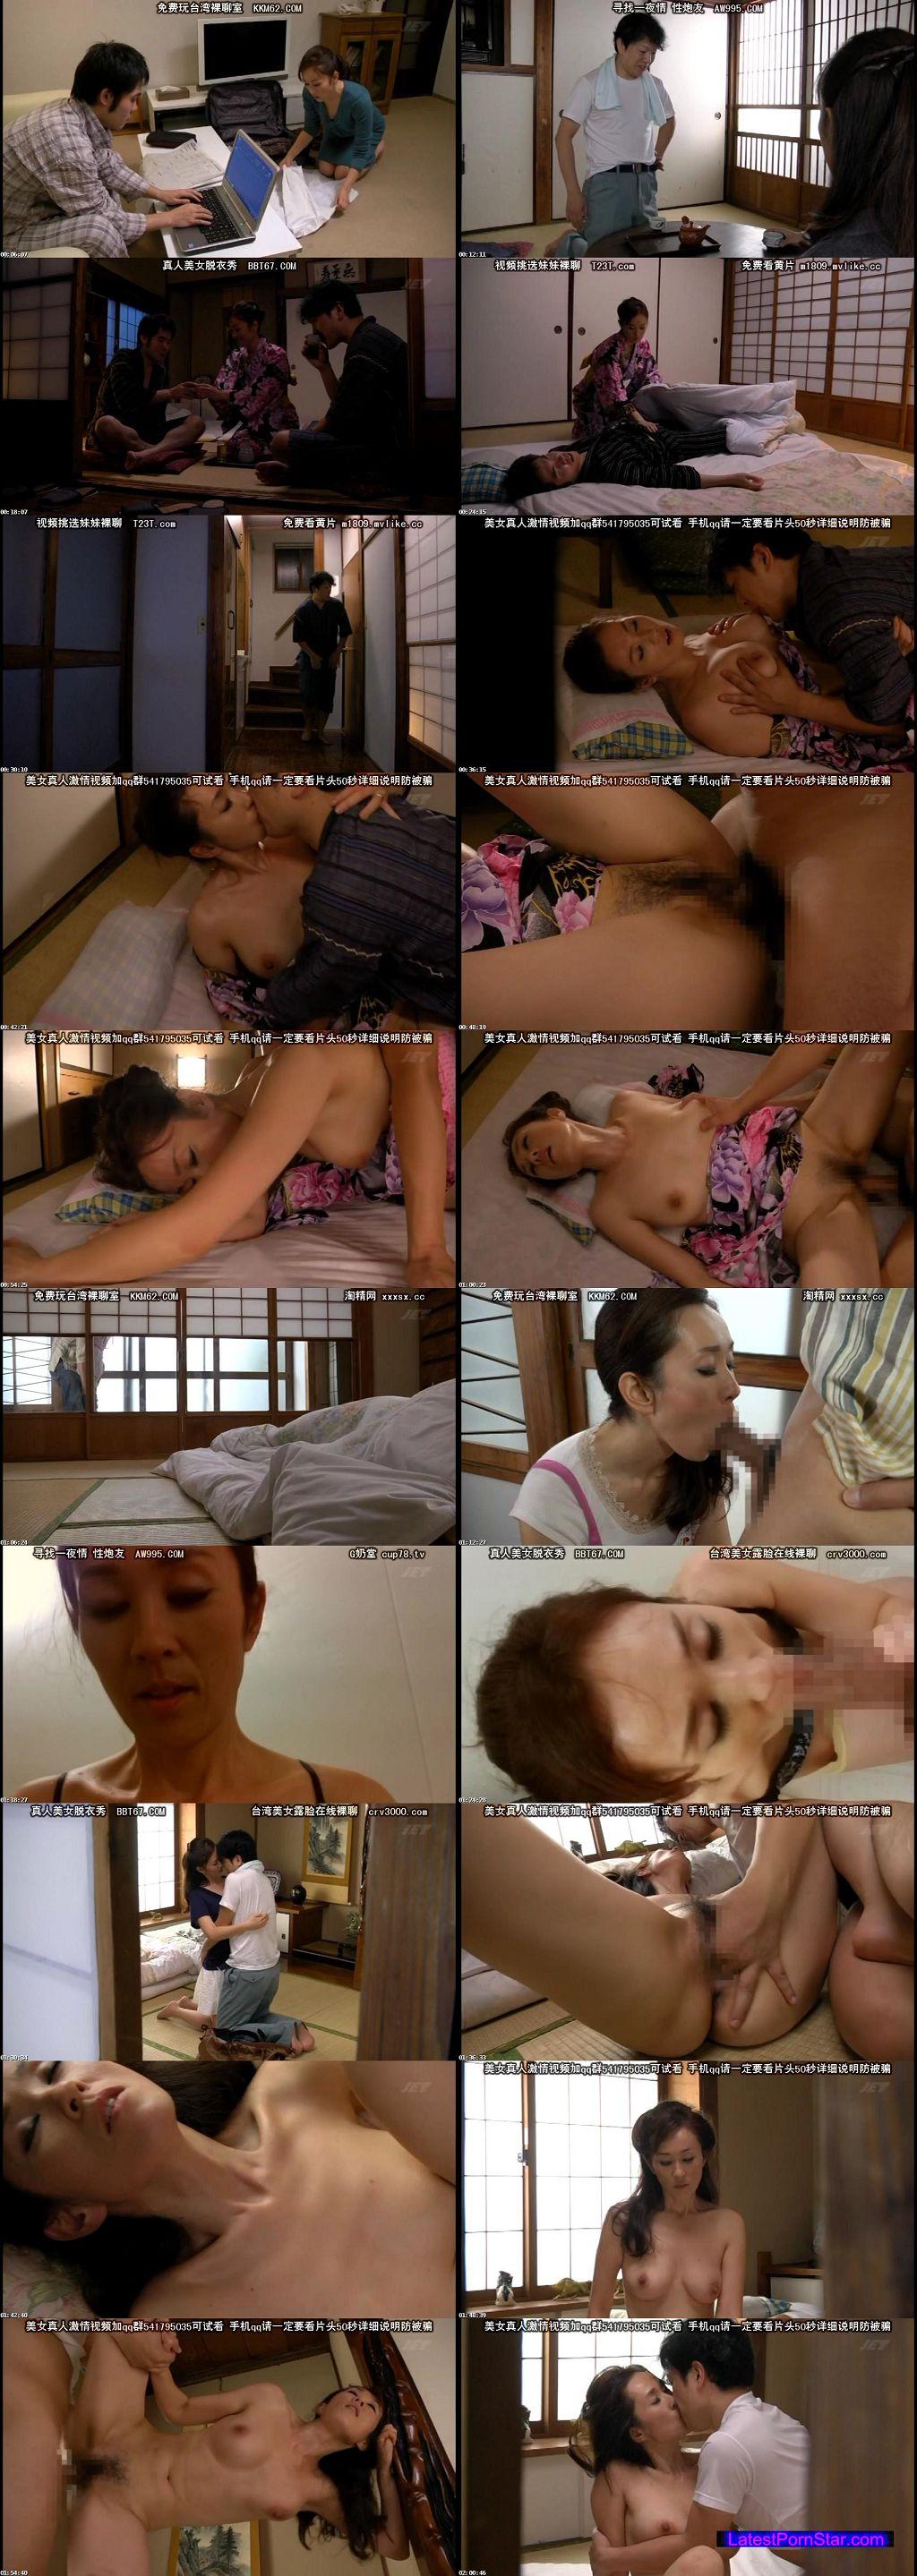 [NDRA-015] ウチの妻が実家の義弟のデカチンにメロメロにされました… 秋山静香